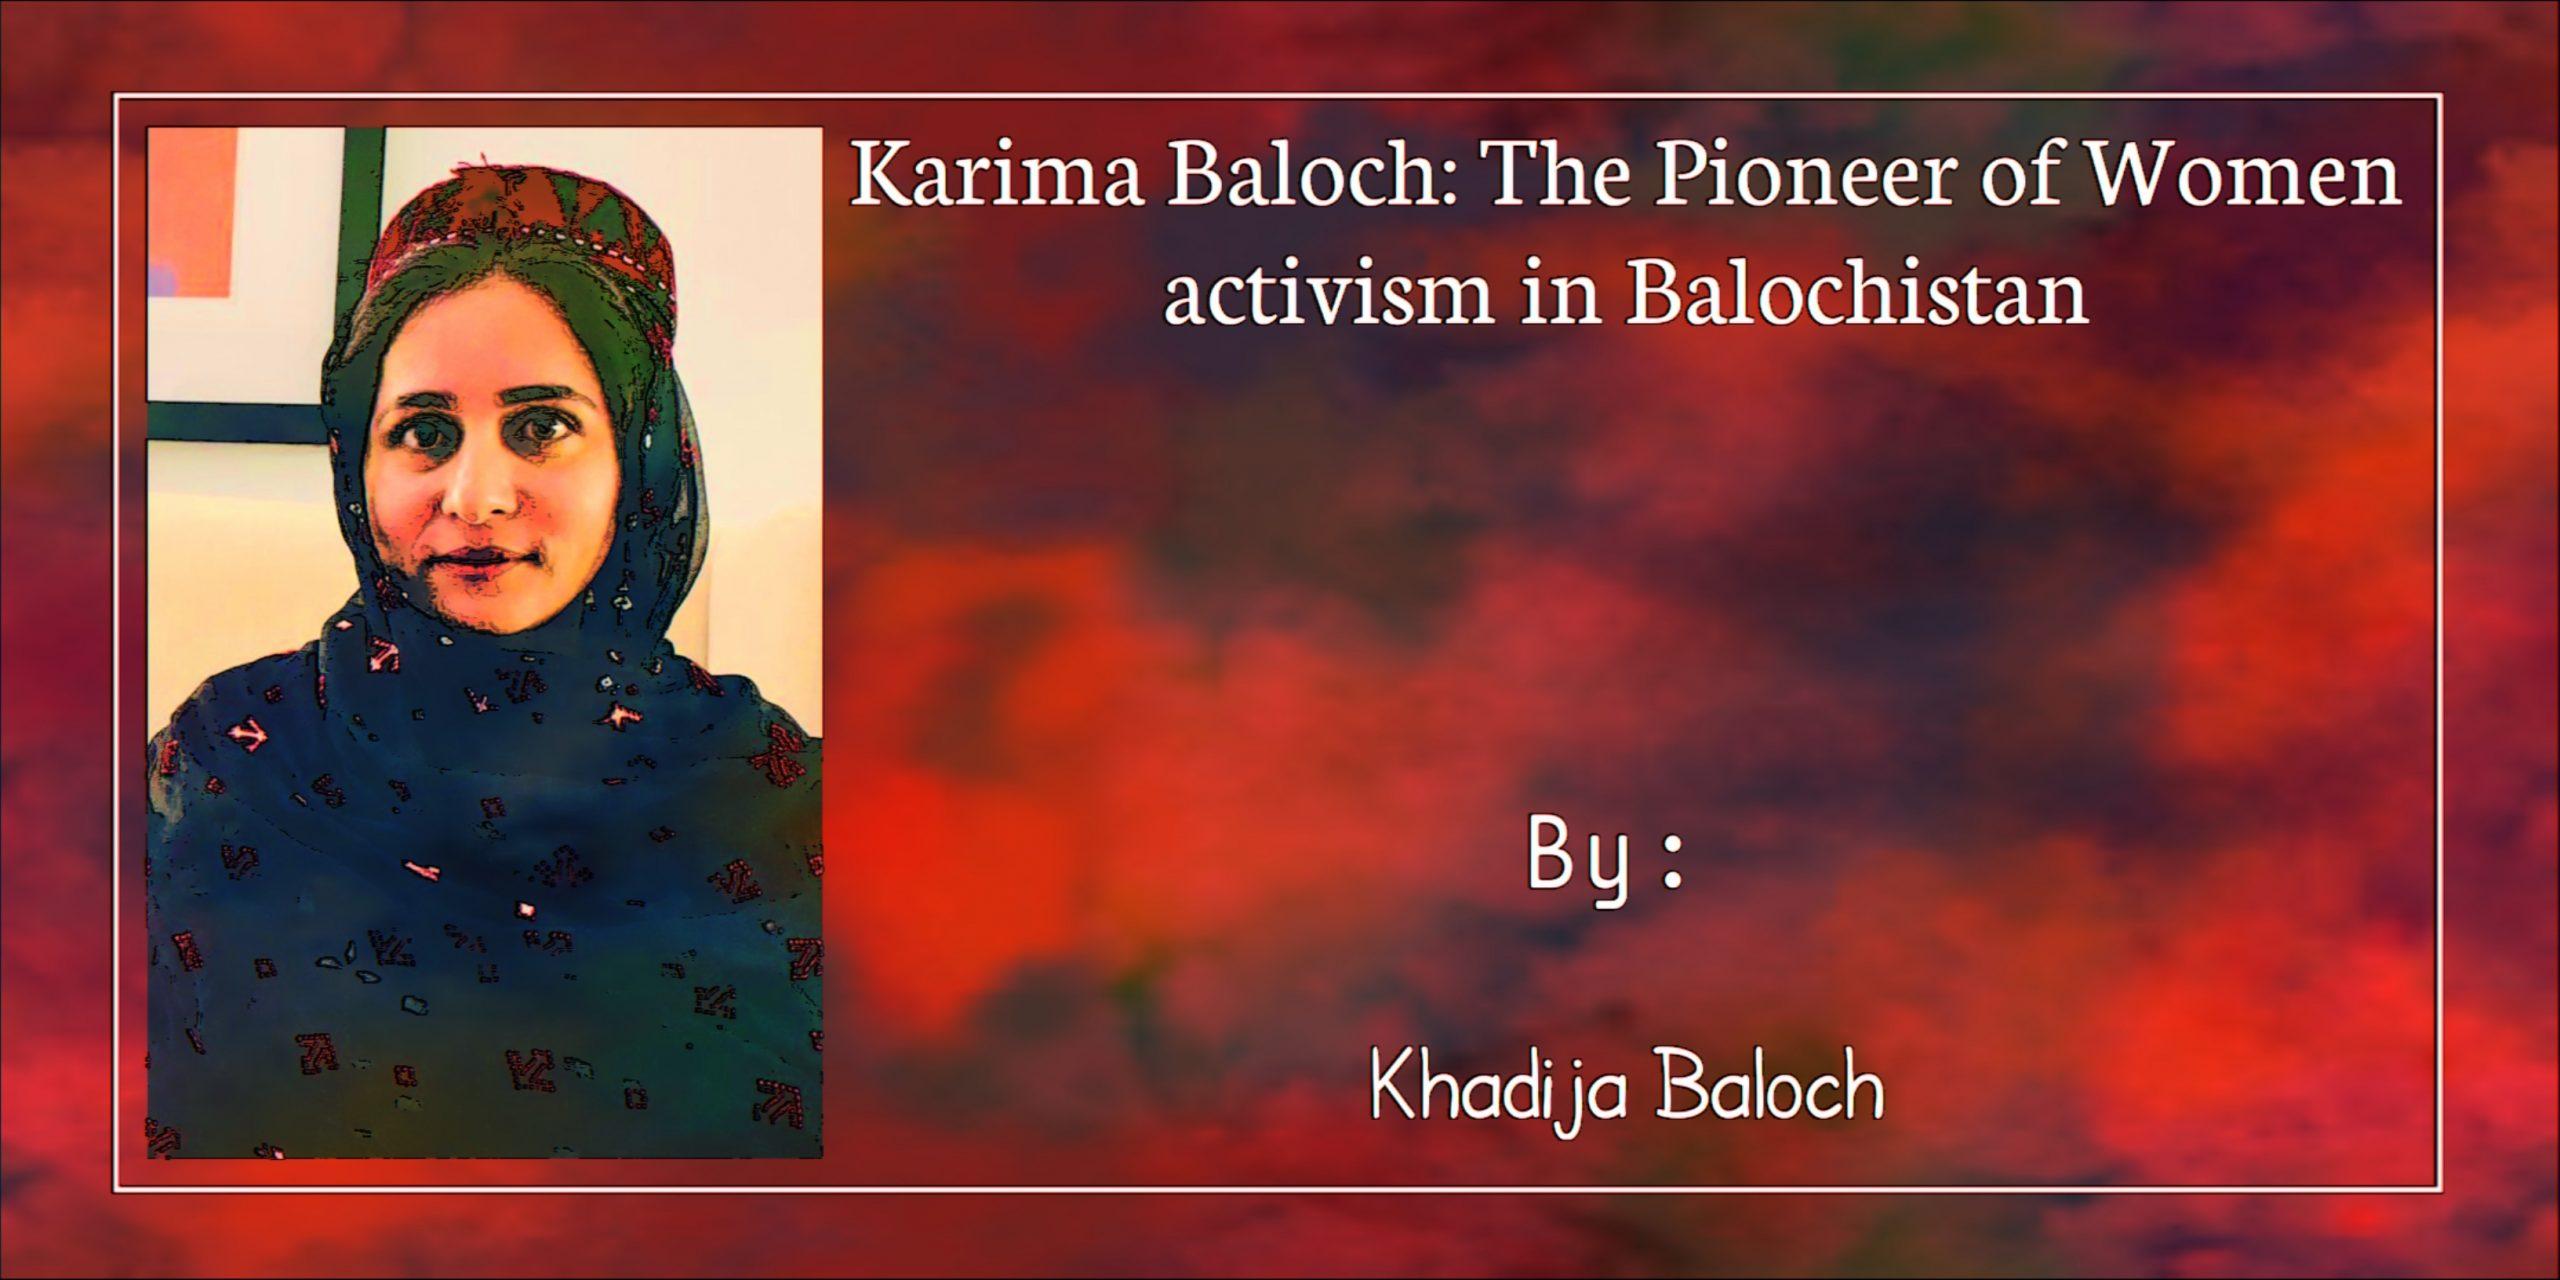 Karima Baloch: Pakistani rights activist found dead in Toronto